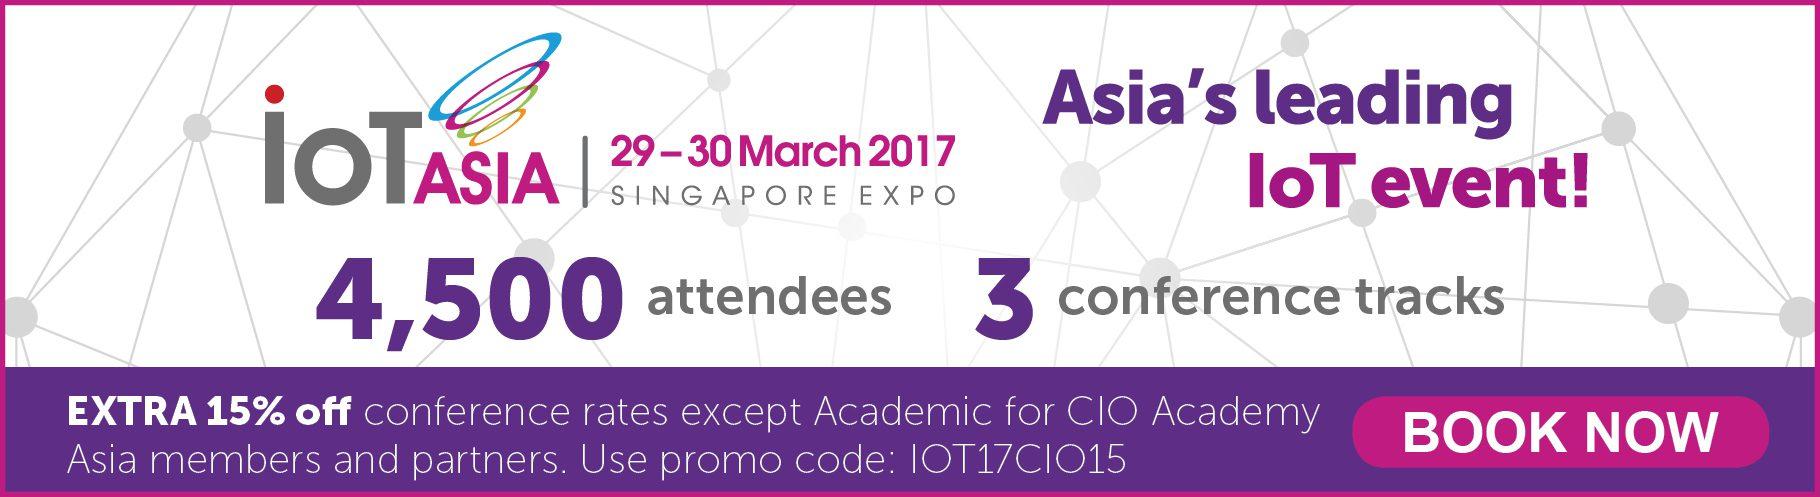 IoT Asia 2017